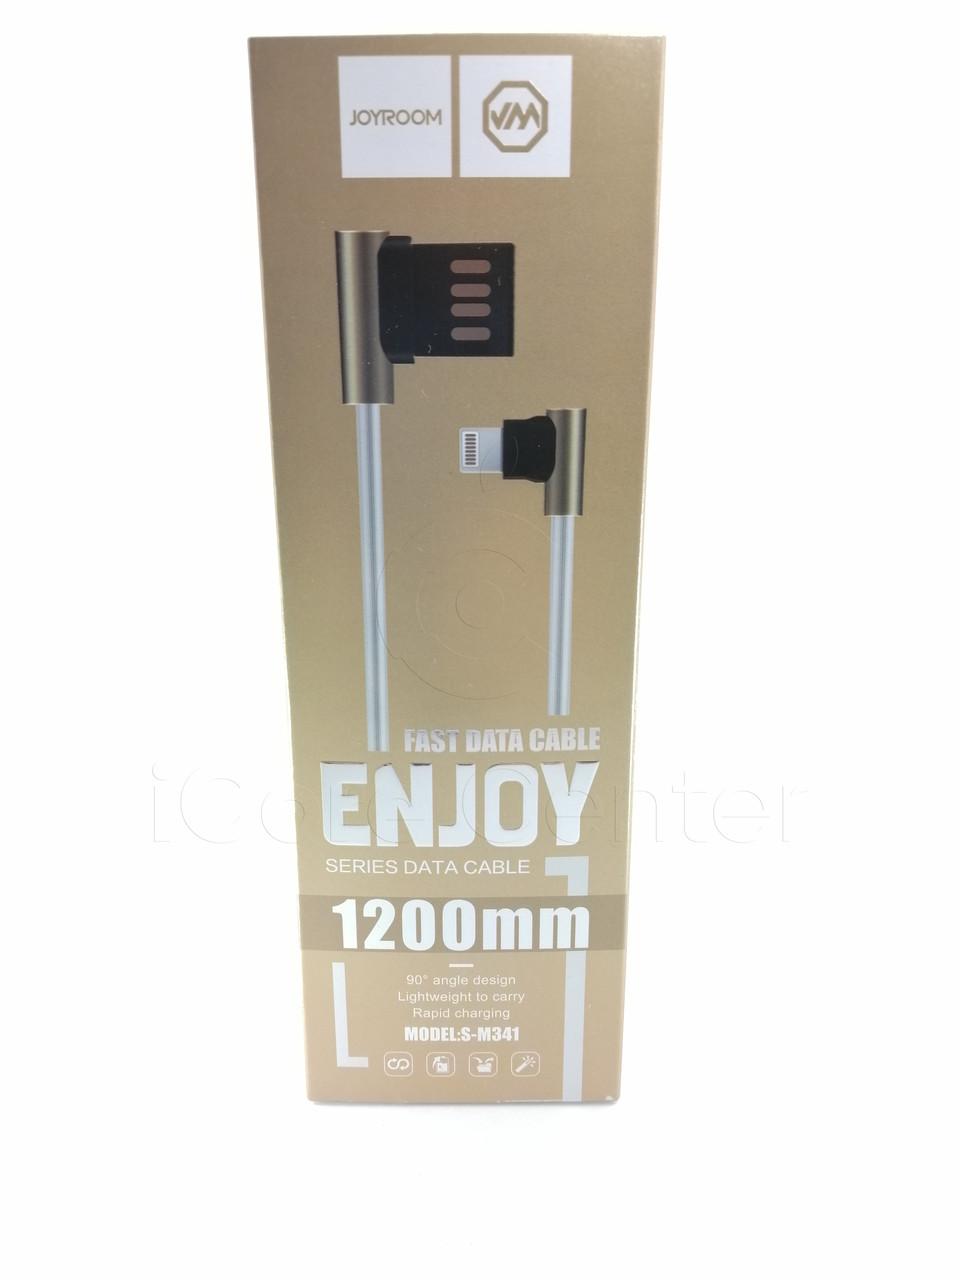 Кабель Joyroom S-M341 ENJOY Fast Data Lightning 1.2 M